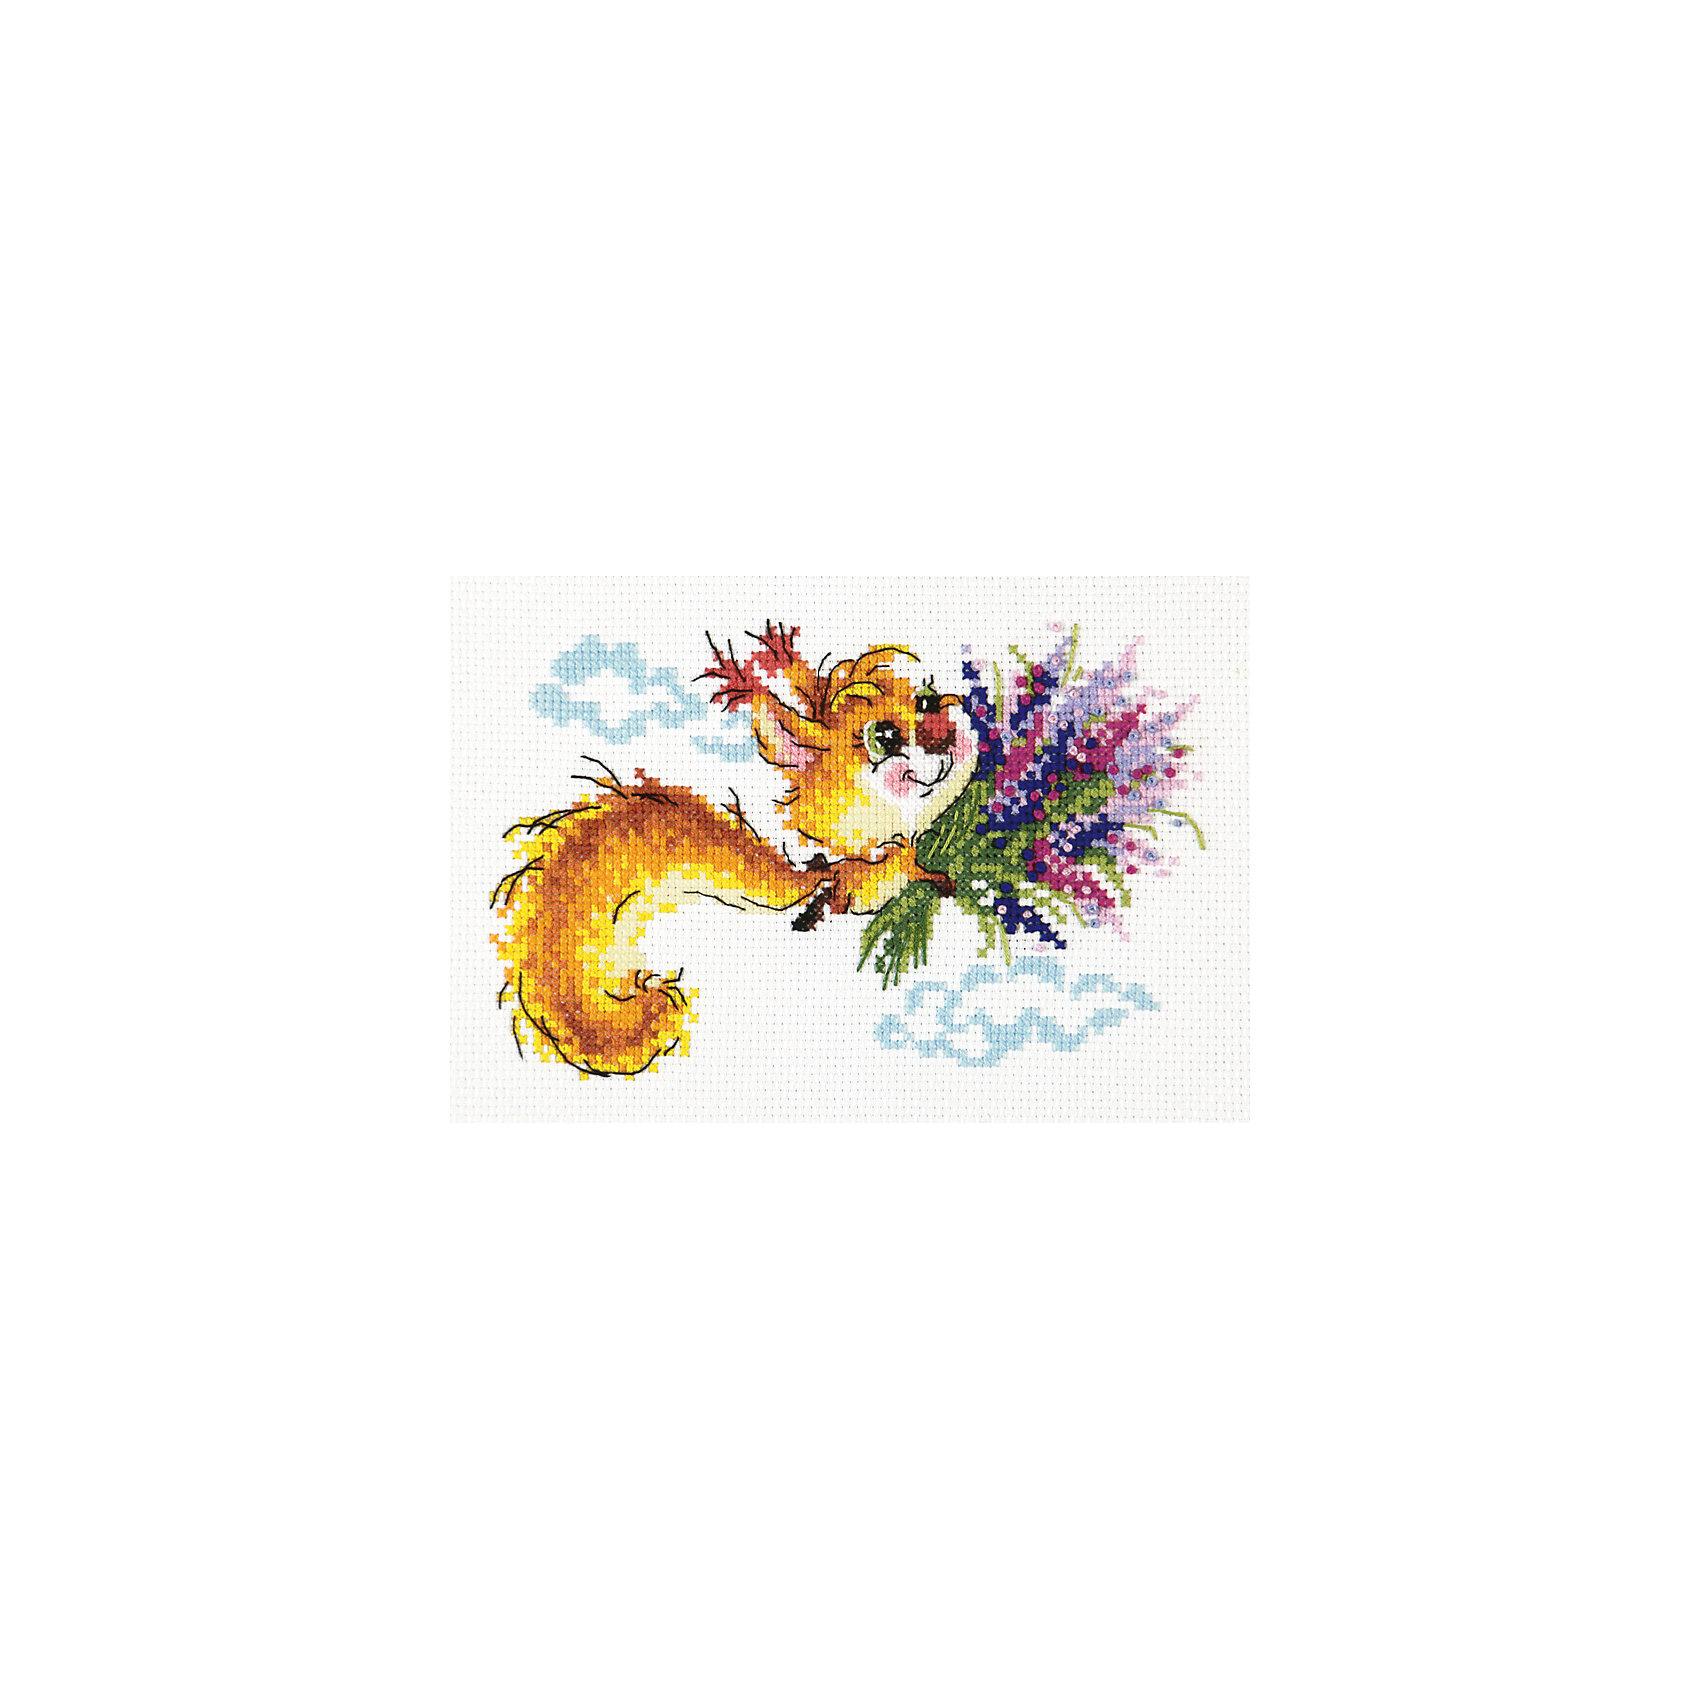 Чудесная игла Набор для вышивания крестом «Лечу к тебе!» набор для вышивания крестом luca s дневной котенок 5 5 х 10 см